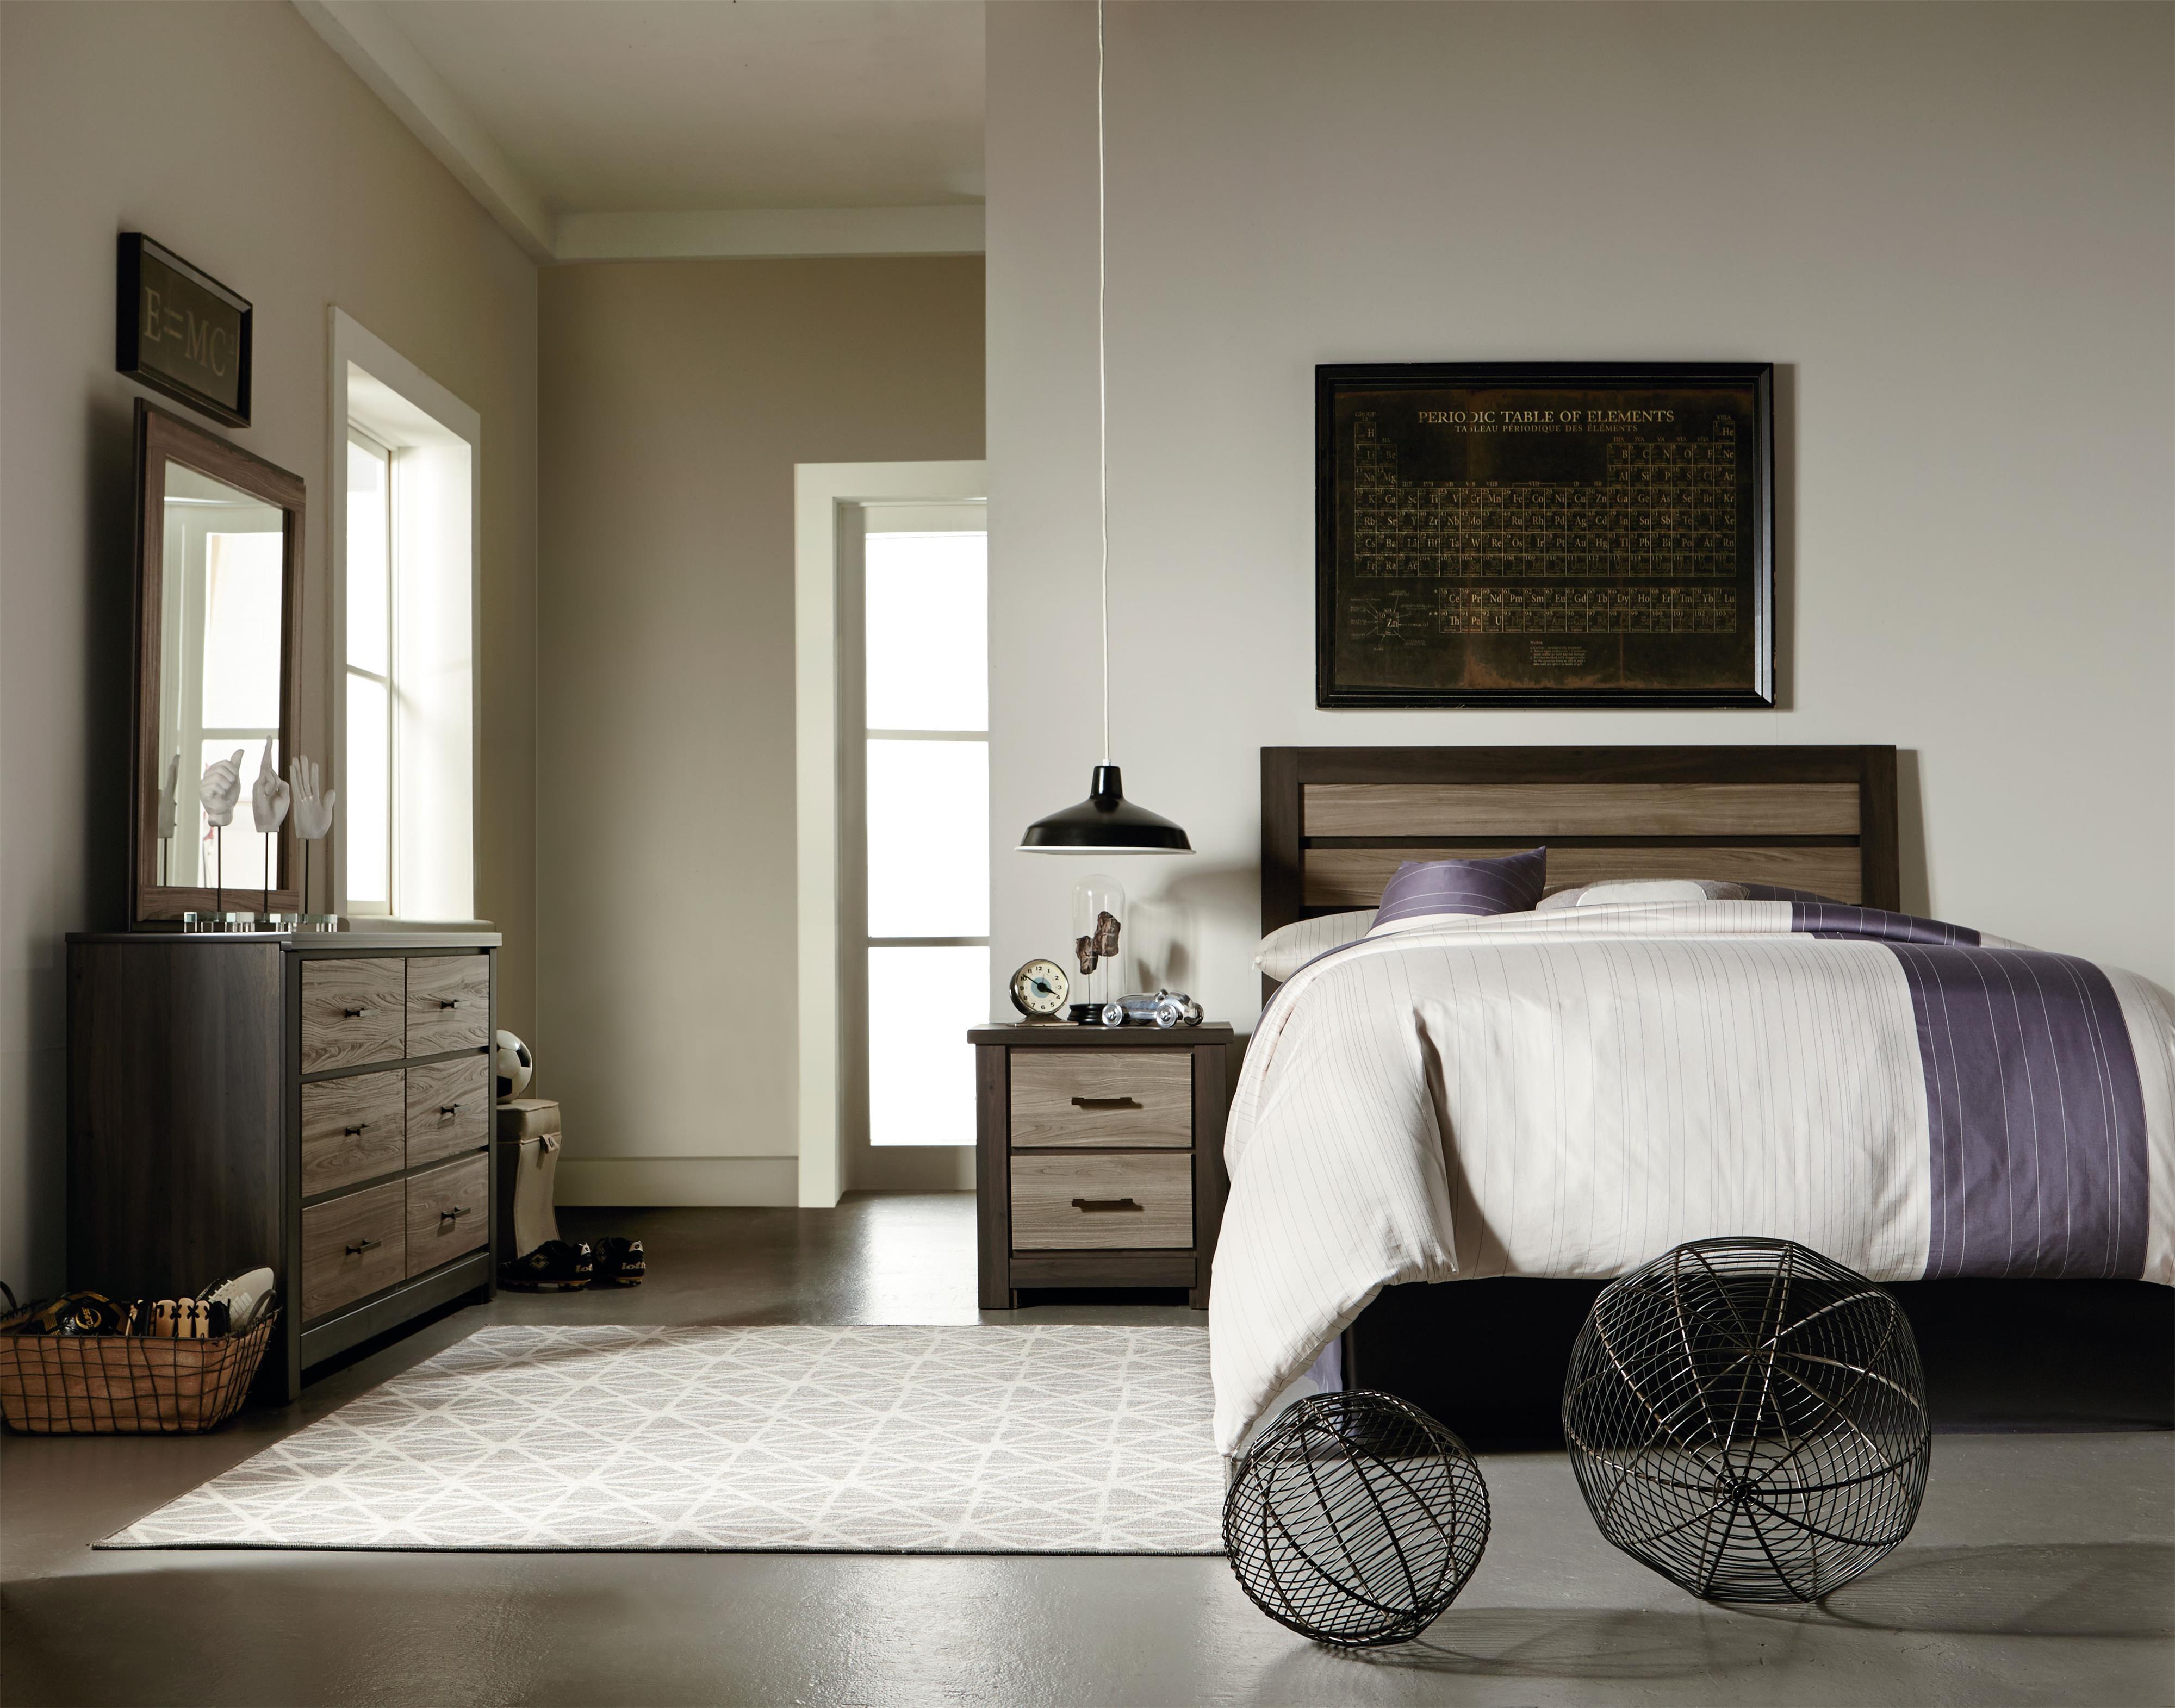 Standard Furniture Oakland Twin Bedroom Group - Item Number: 69700 T Bedroom Group 3